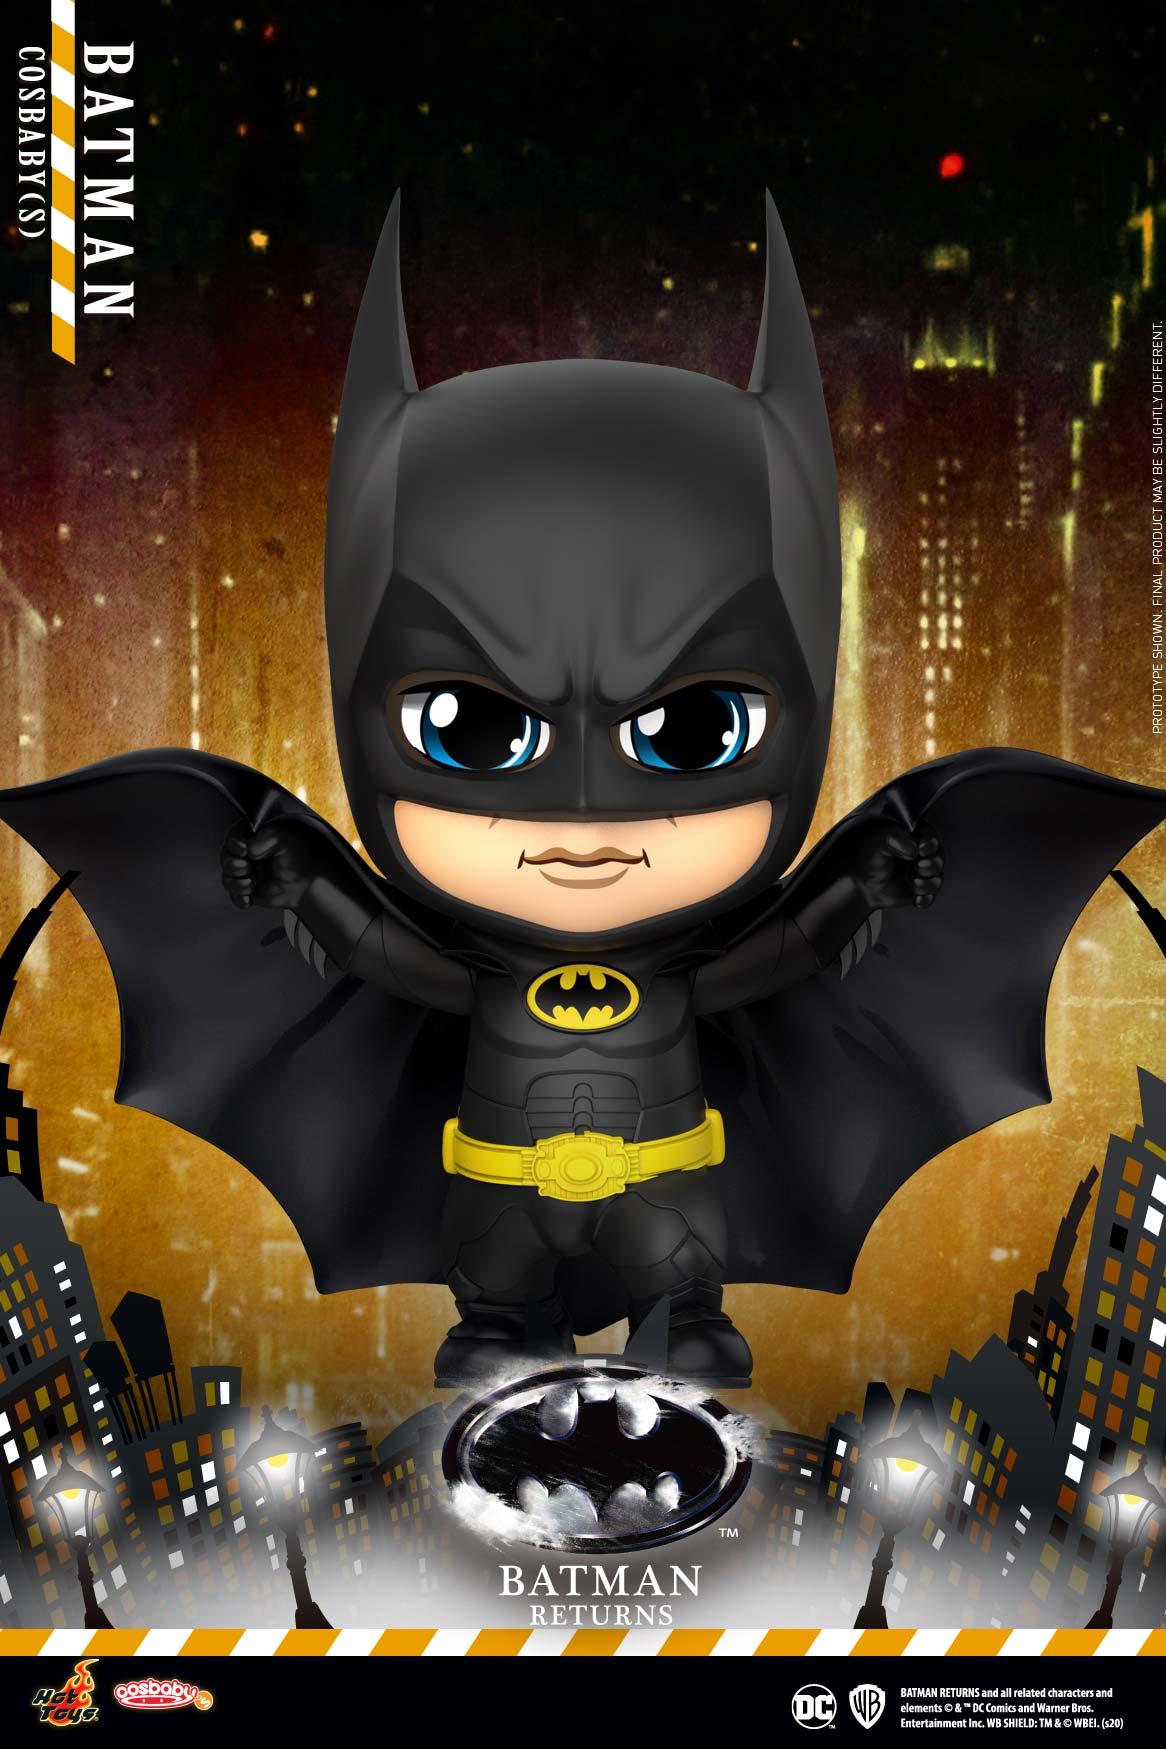 Batman-Returns_COSB714_Batman_V01